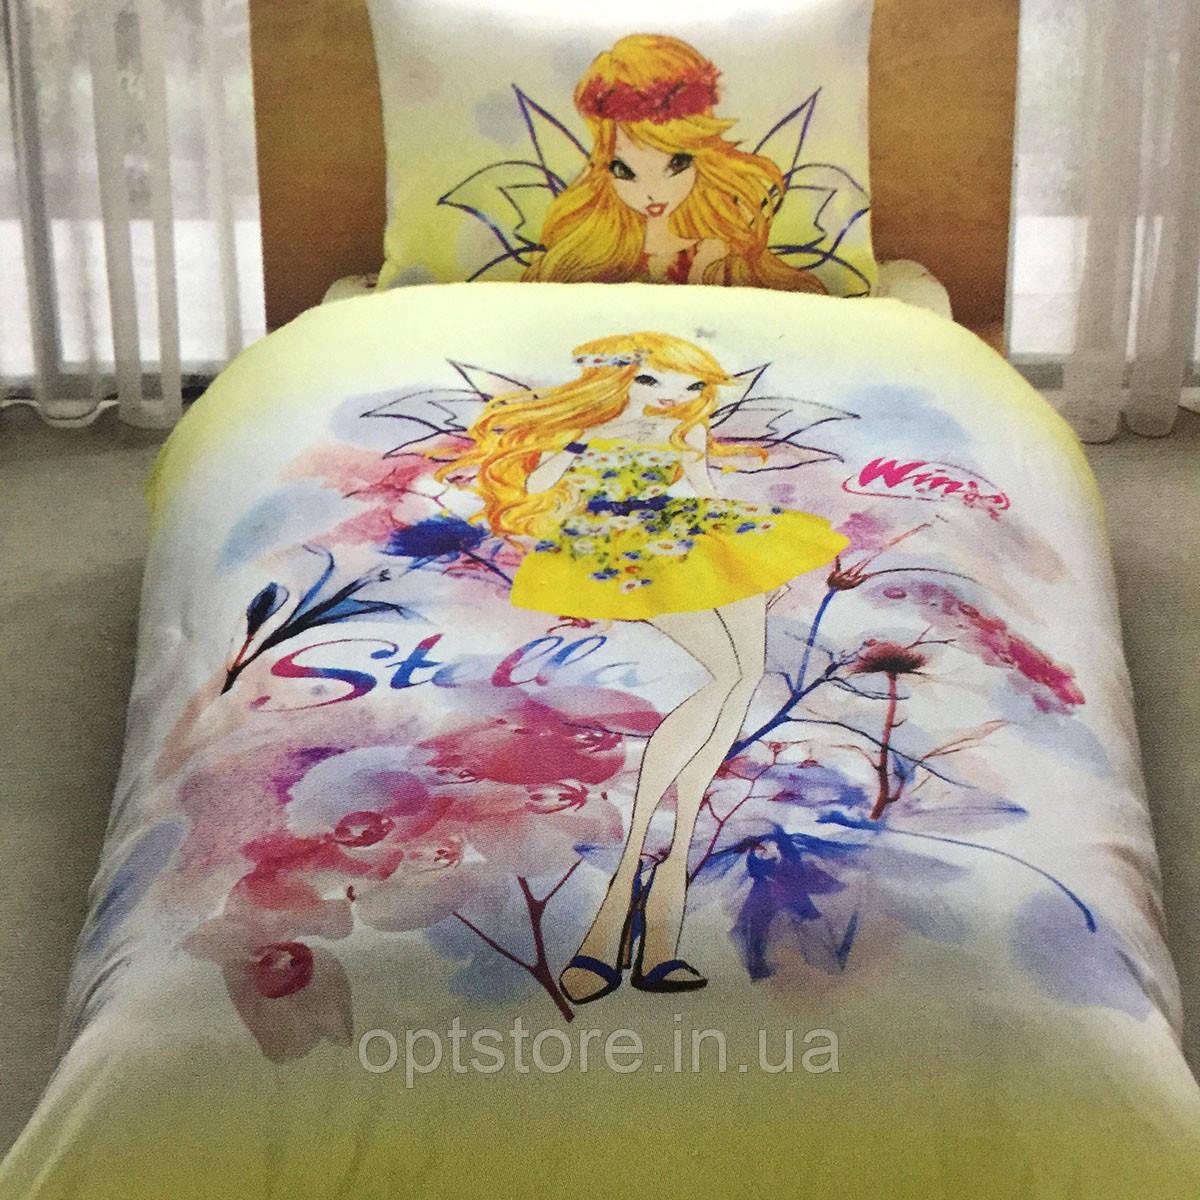 Детское и подростковое постельное белье TAC Винкс  ранфорс / простынь на резинке